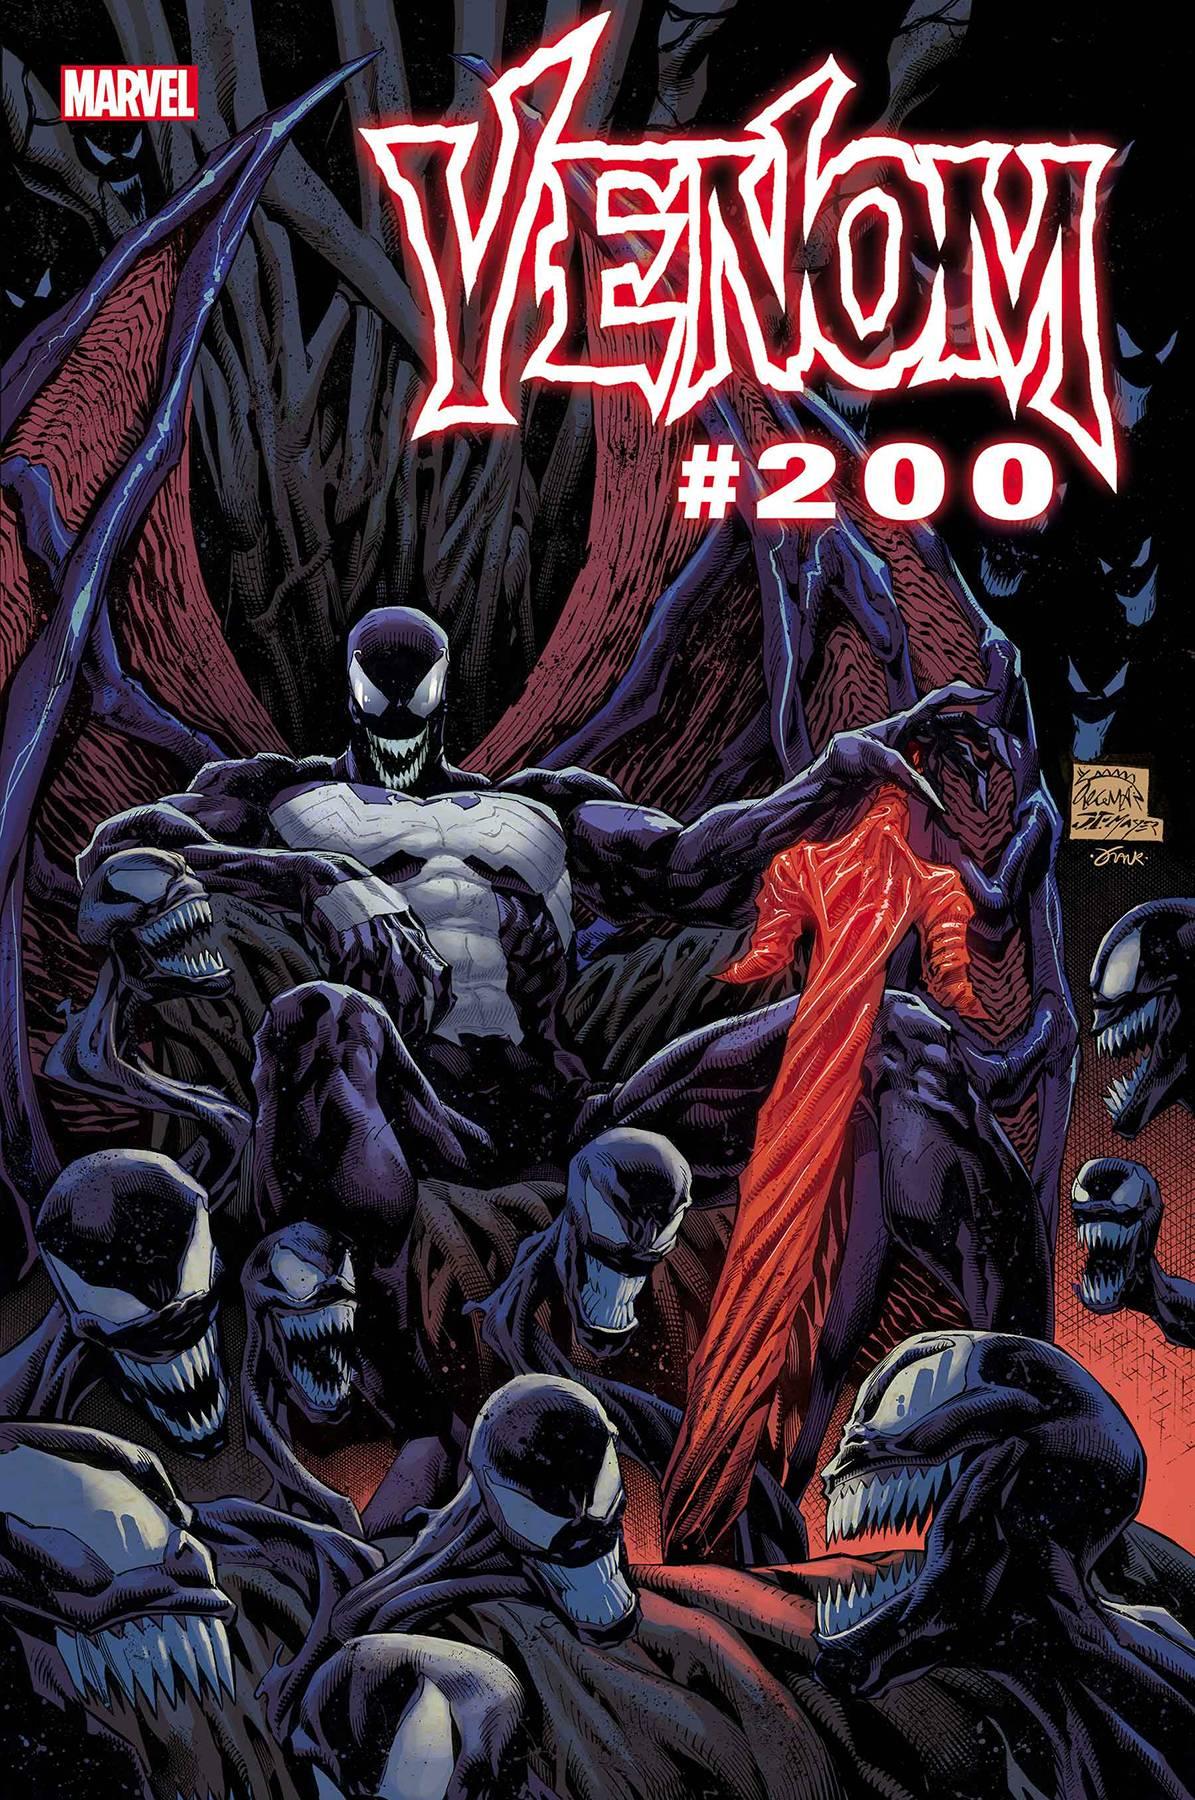 Venom by Scott Hanna